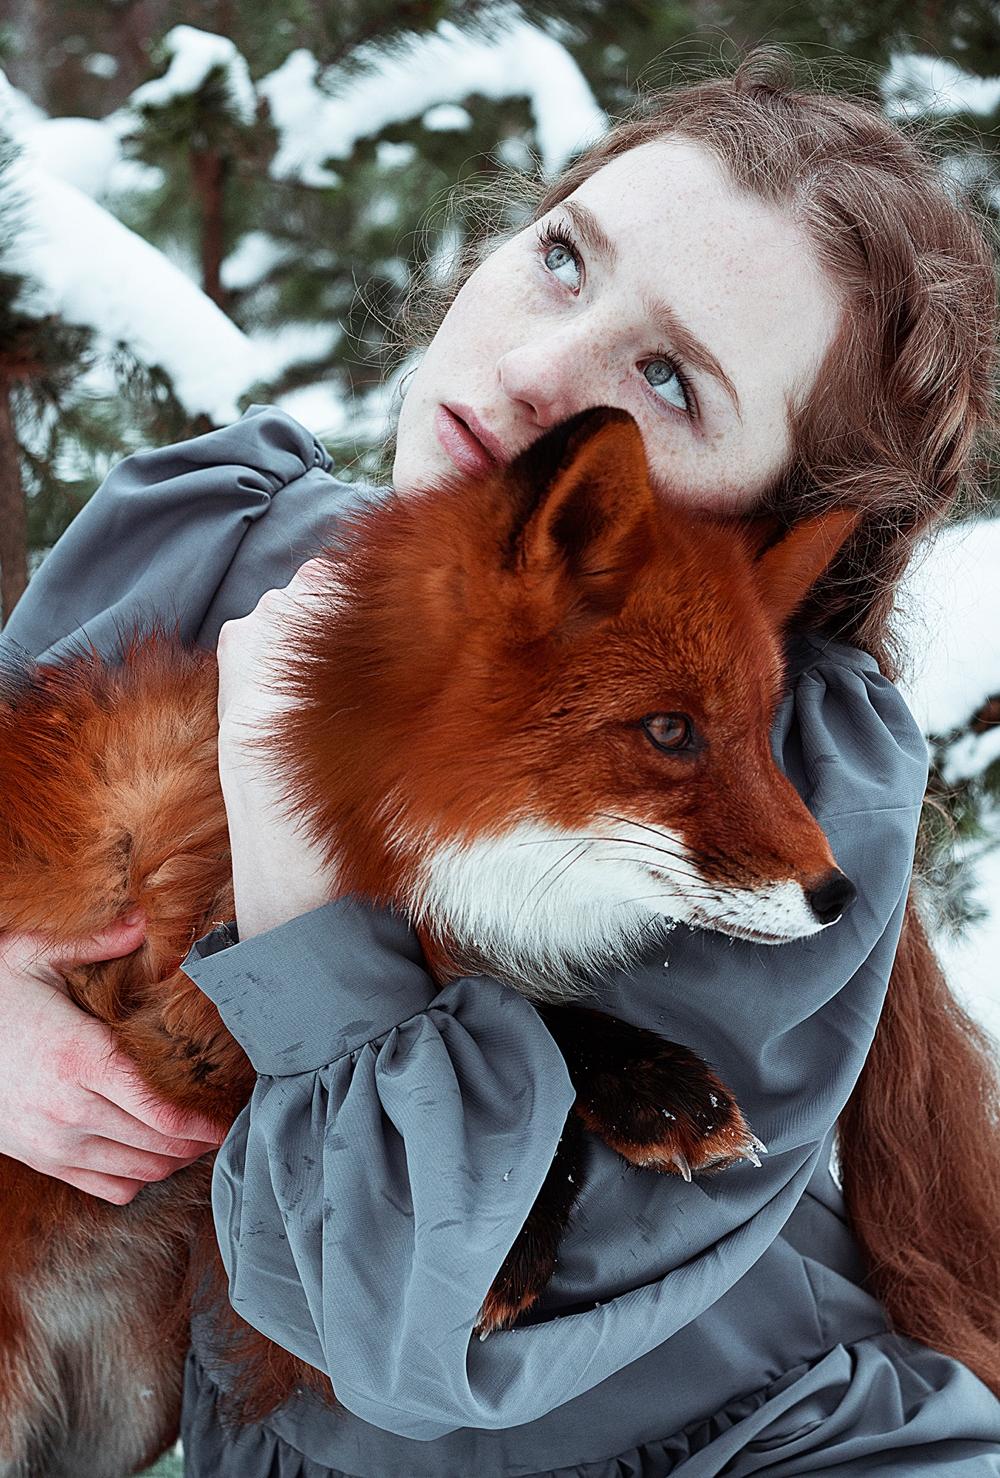 alexandra-bochkareva-fairytale-portraits-of-redheads_0009